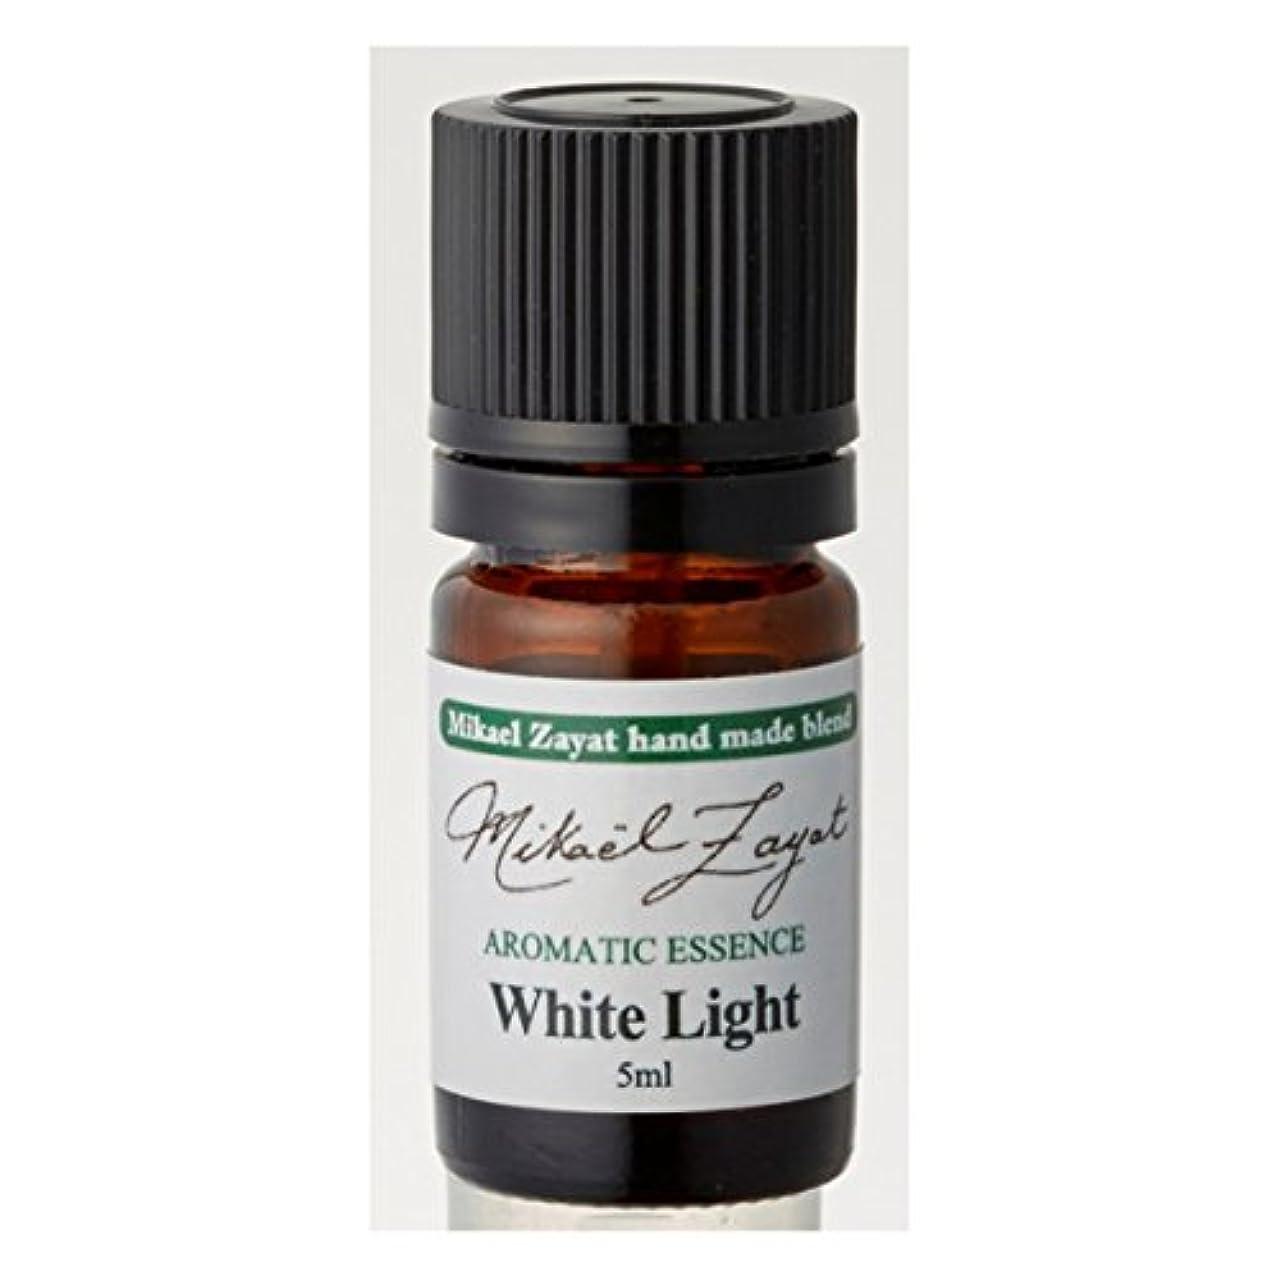 令状交通渋滞絶滅ミカエルザヤット ホワイトライト White Light 10ml/ Mikael Zayat hand made blend